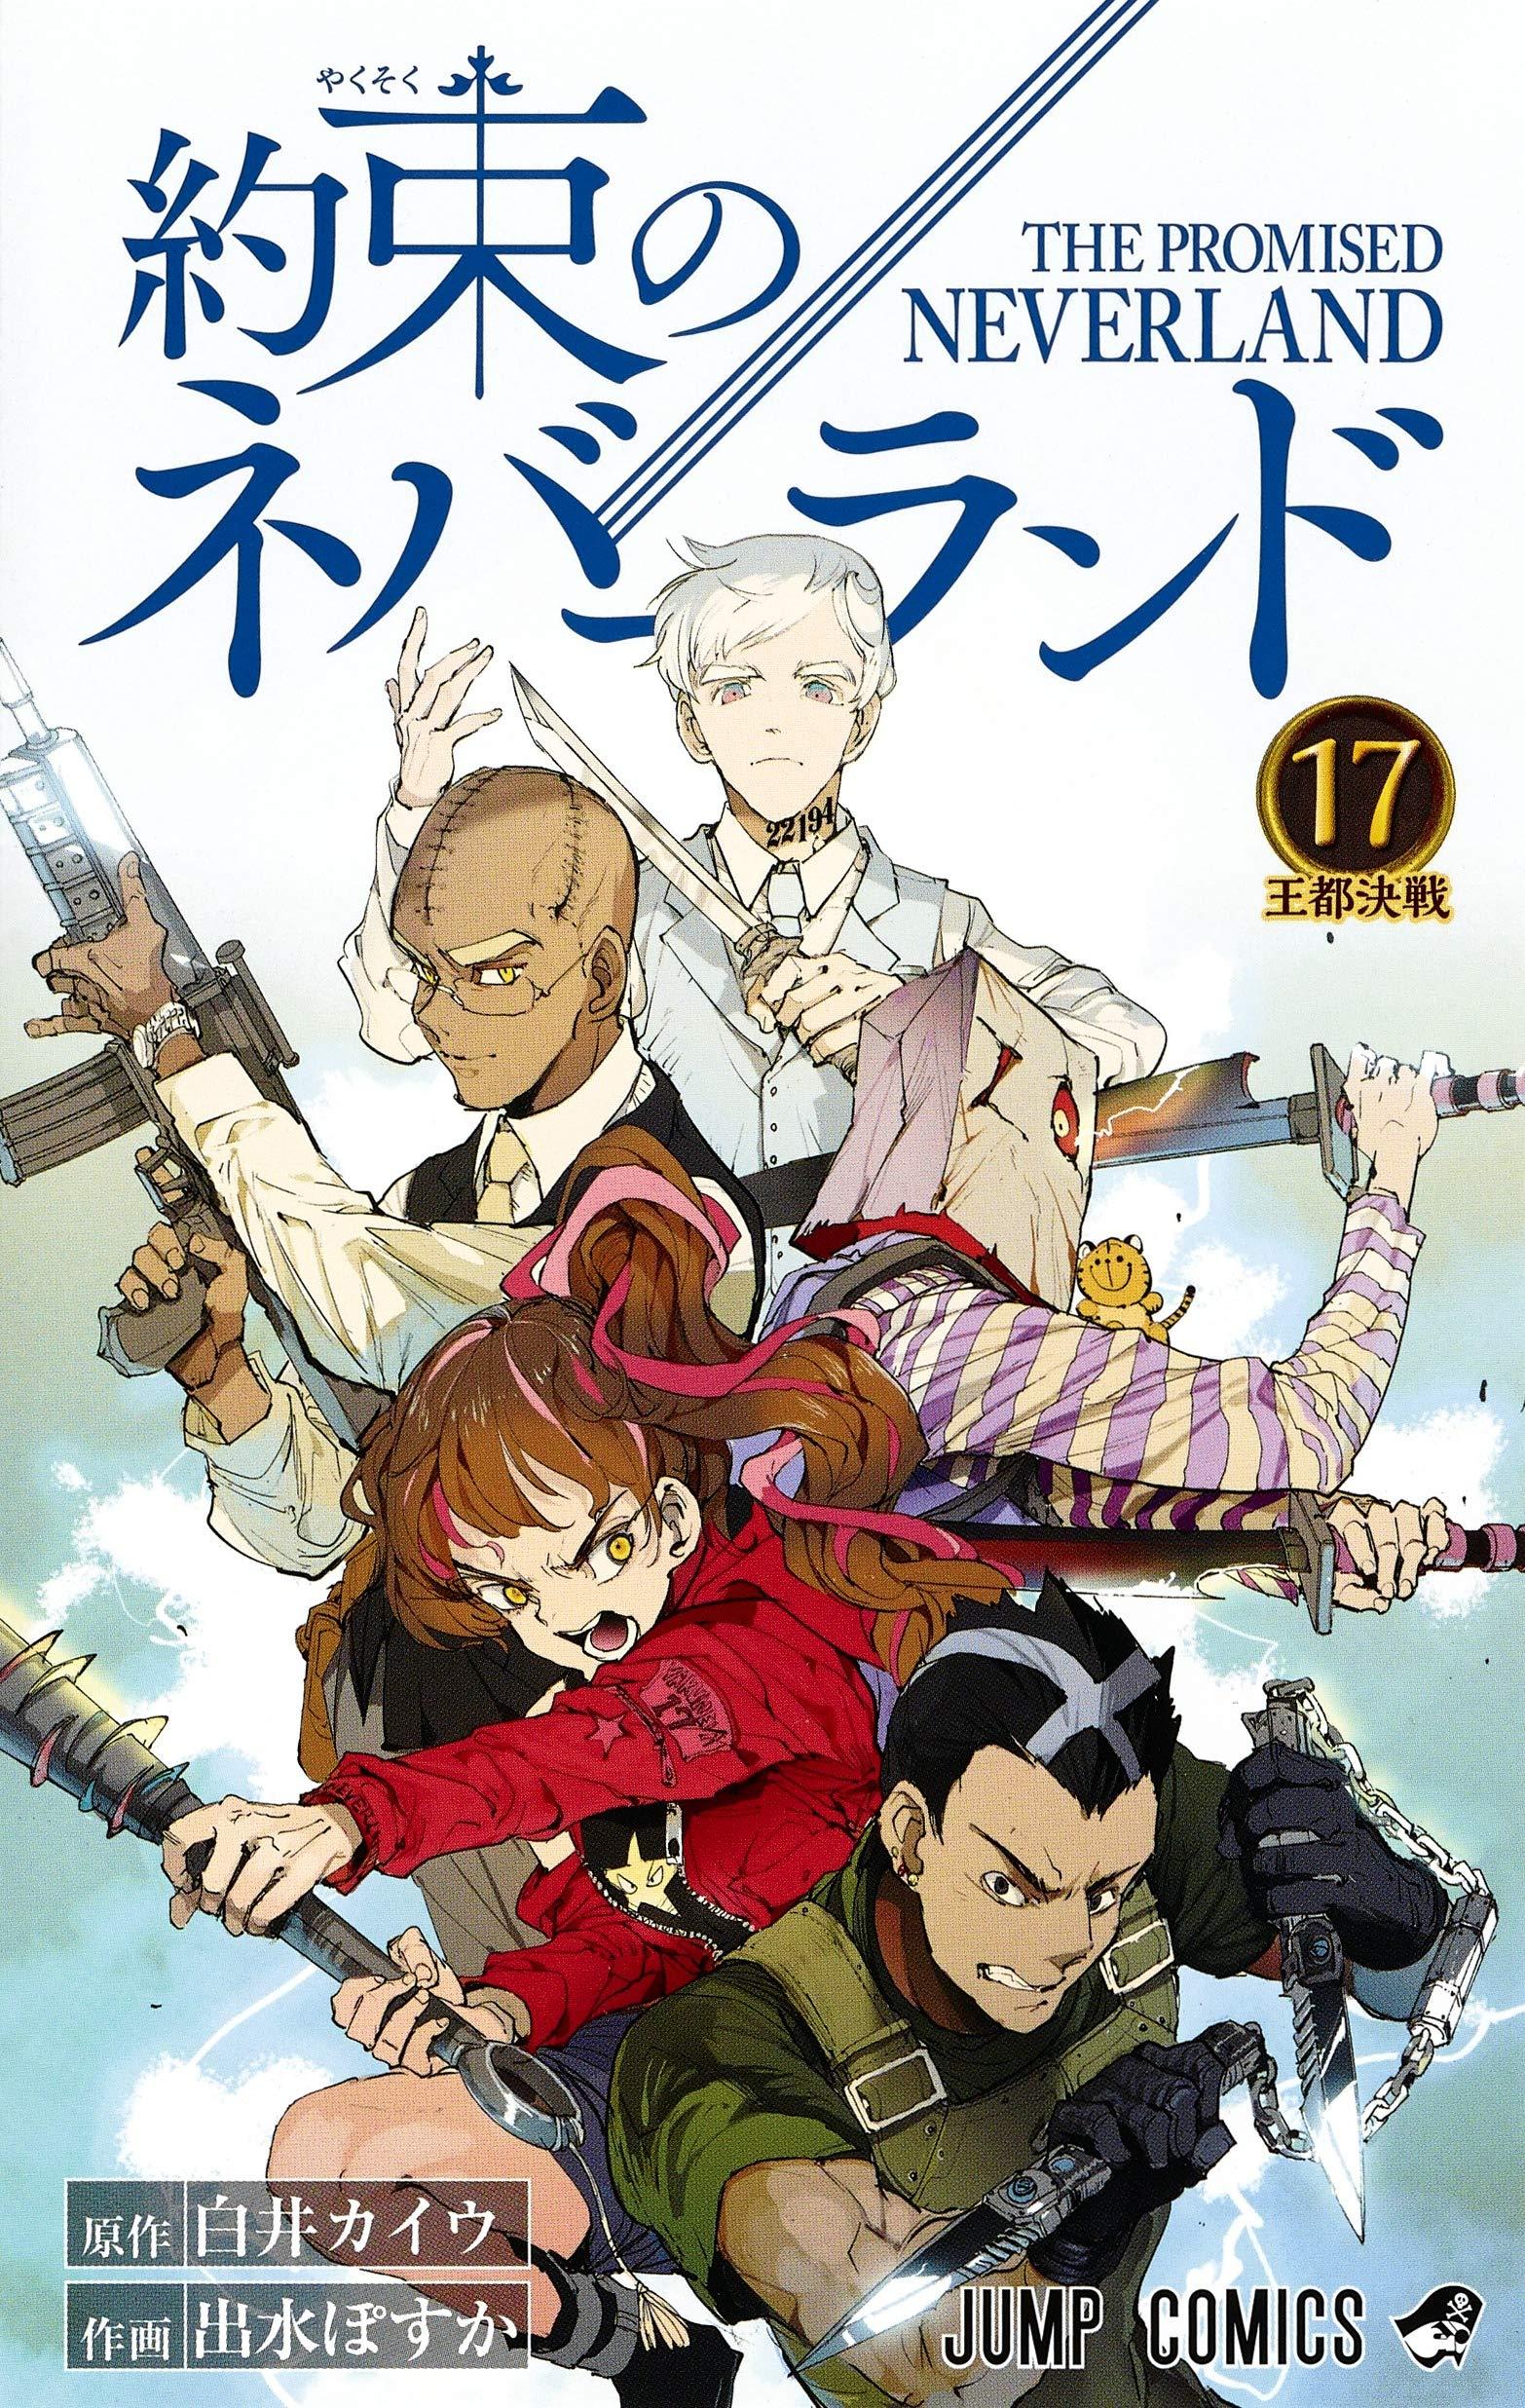 The Promised Neverland Manga Volume 17